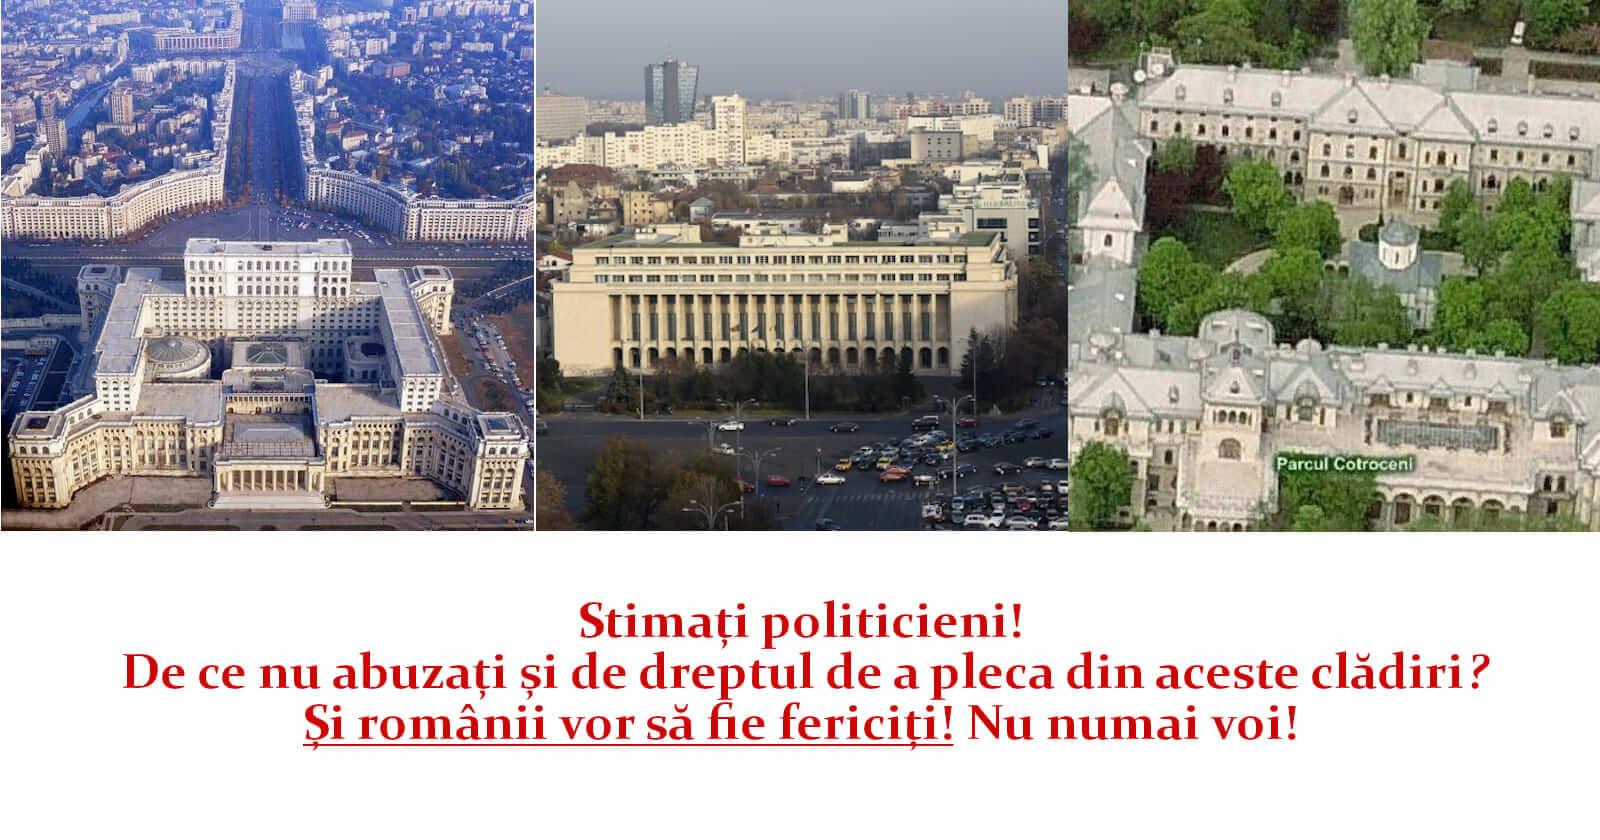 https://ziarul.romania-rationala.ro/control/articole/articole/parlament-guvern-presedintie-covid-19.jpg